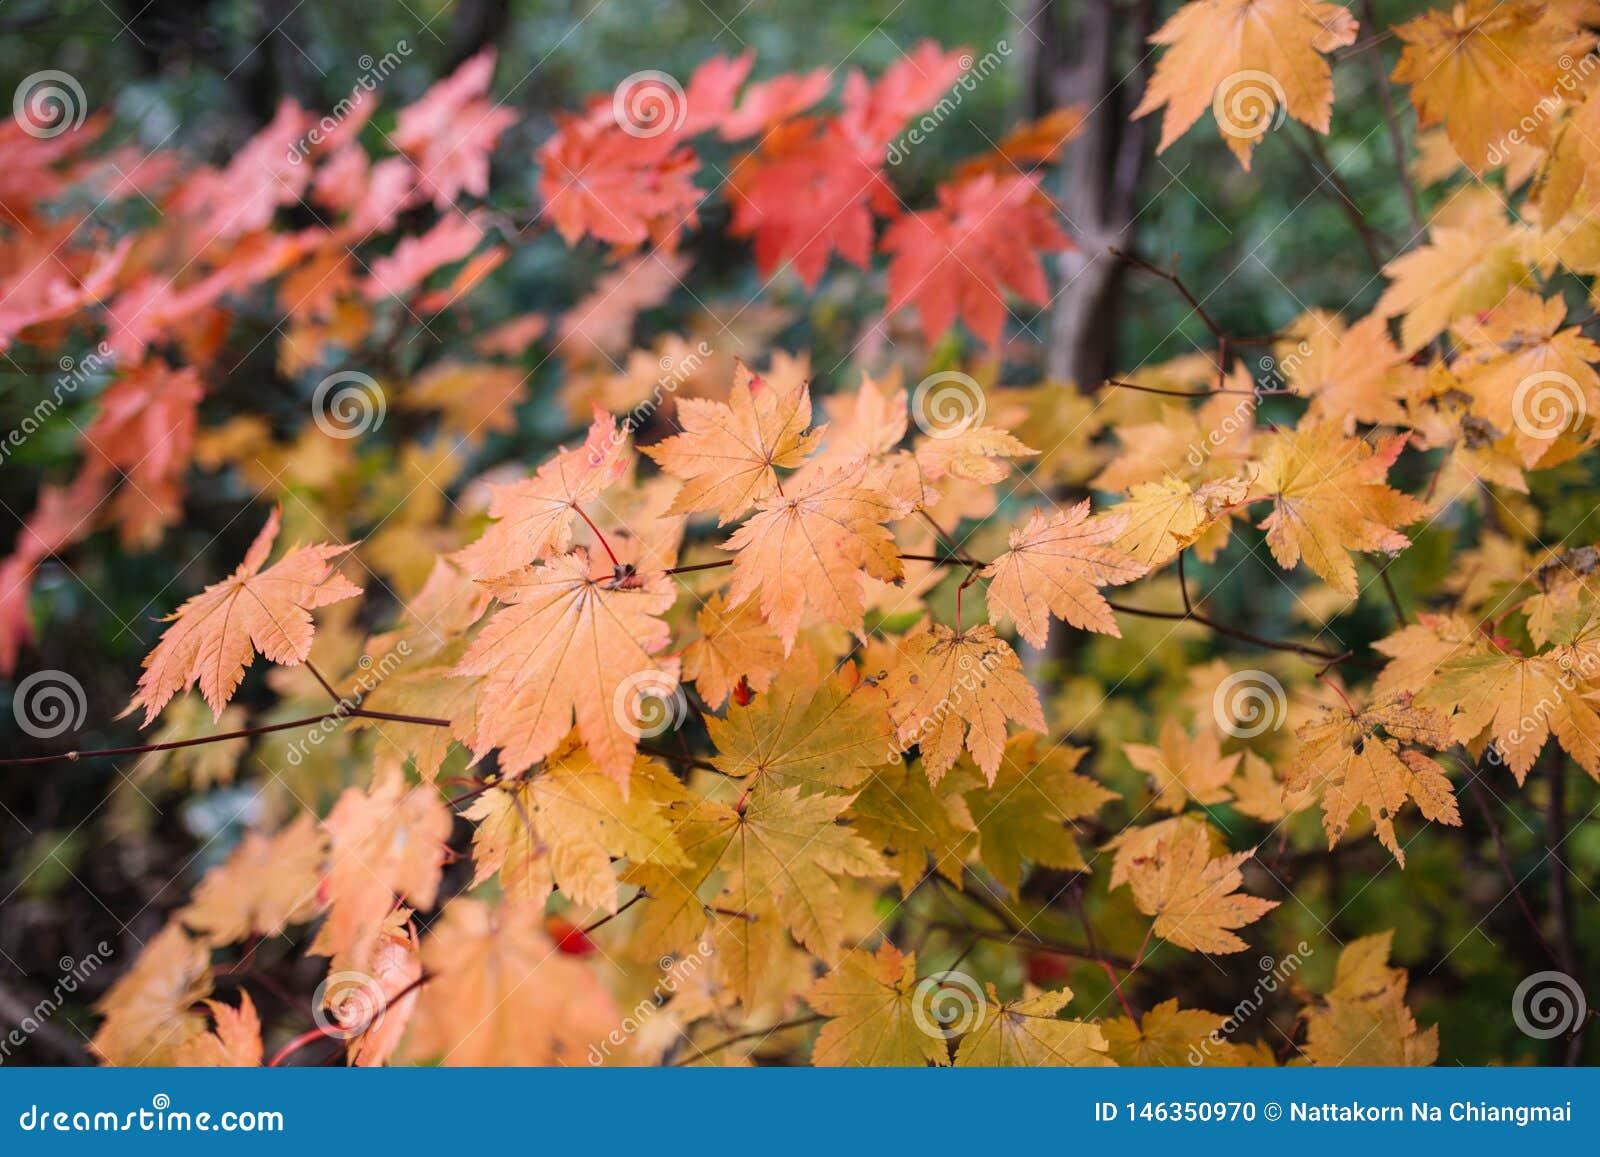 Cores da esta??o do outono, as amarelas e as vermelhas das folhas de bordo japonesas